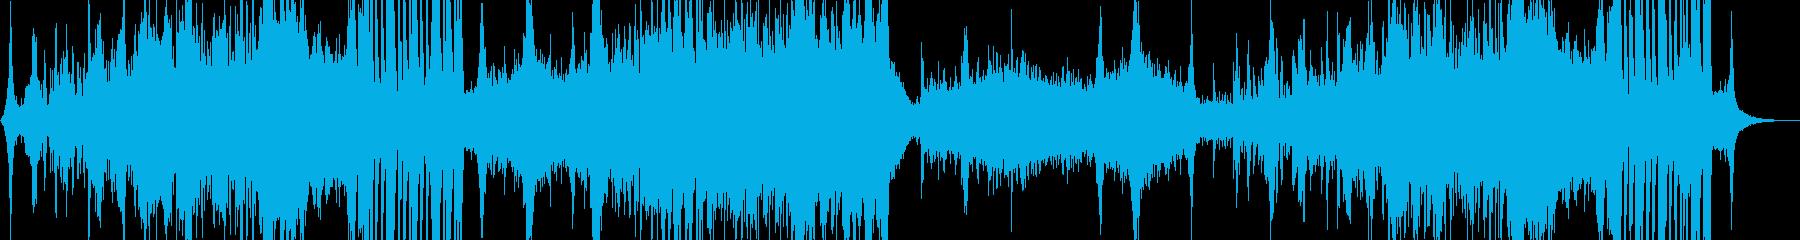 バトル系、迫力あるエピックBGMの再生済みの波形